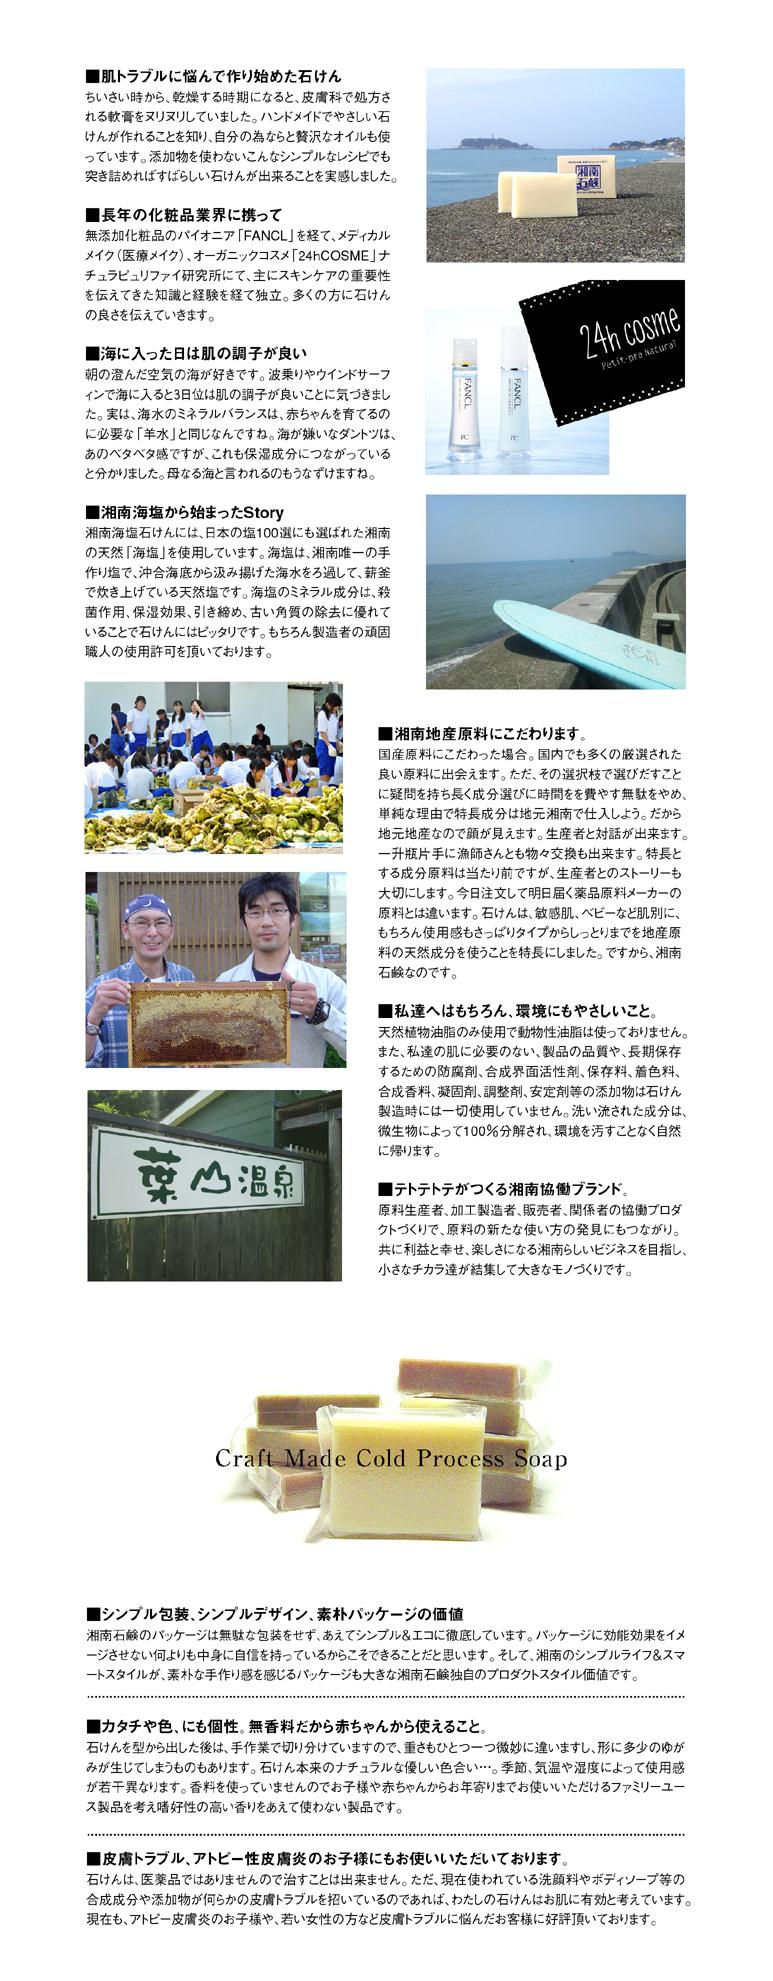 STORYS01-001レイアウト.jpg